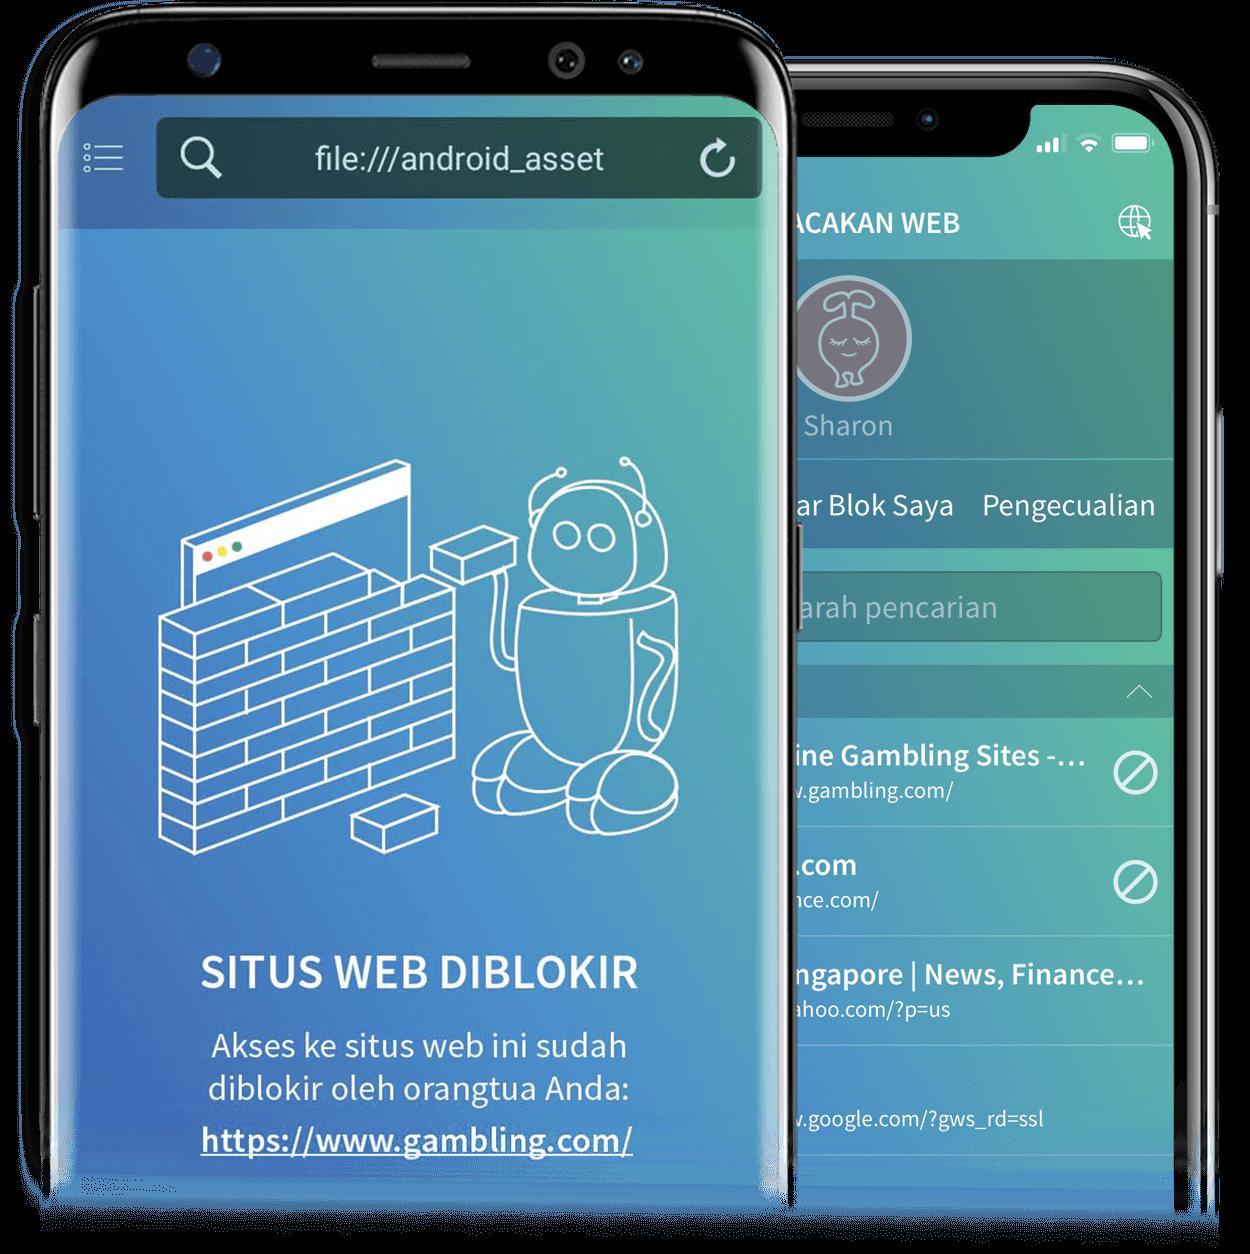 Fitur Melacak Situs Web dalam smartphone anak Tittle for Parents